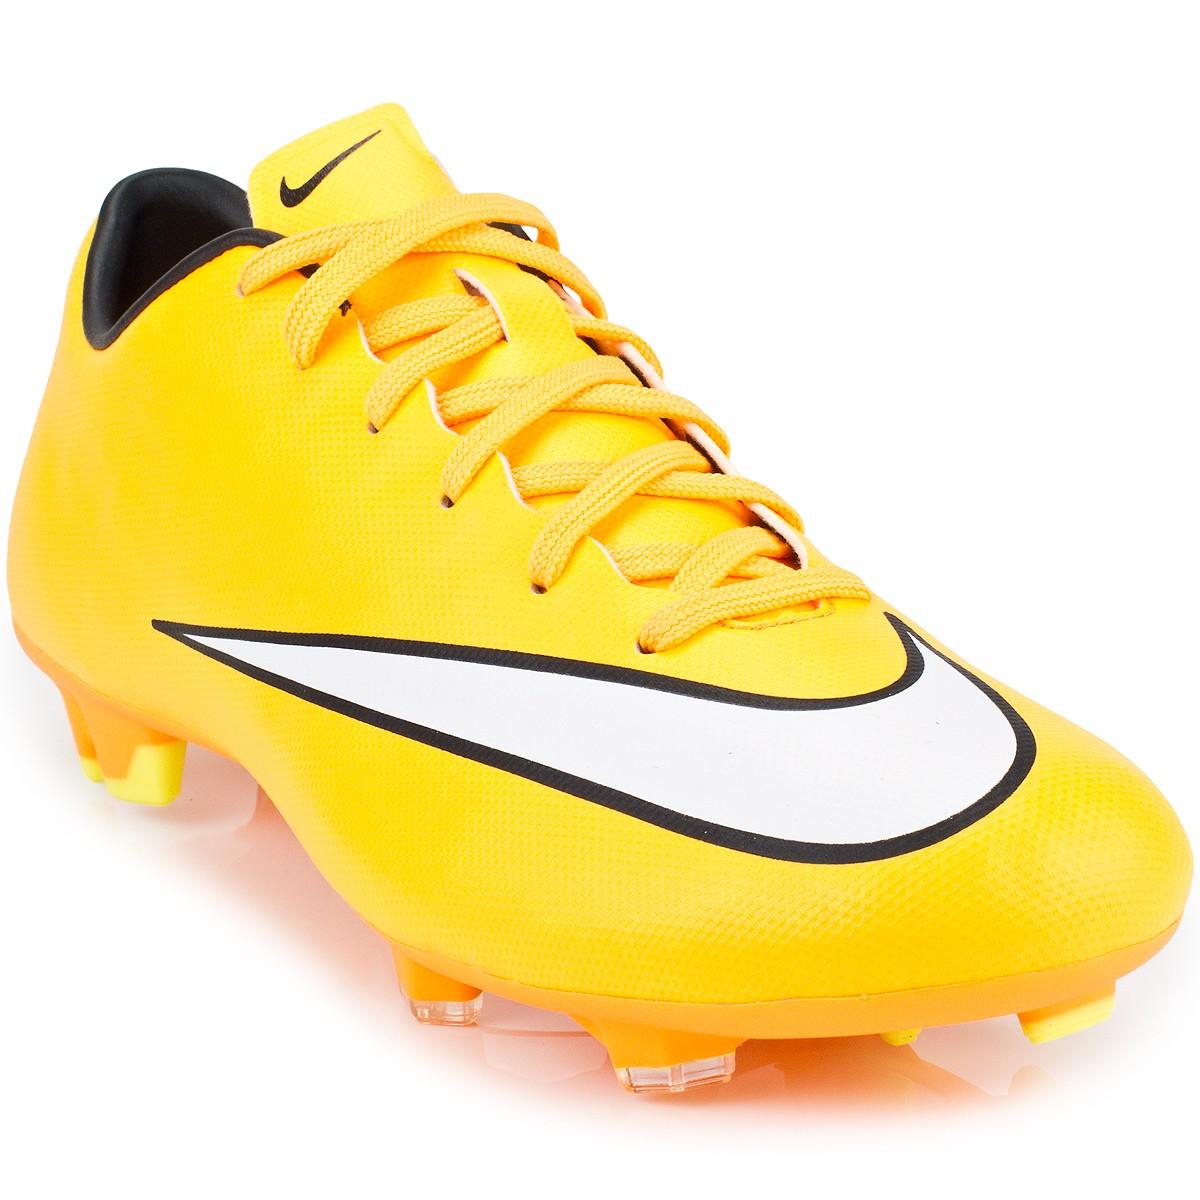 d7e83d0a74354 Chuteira Nike Mercurial Victory V FG 651632 | Futebol Campo | MaxTennis